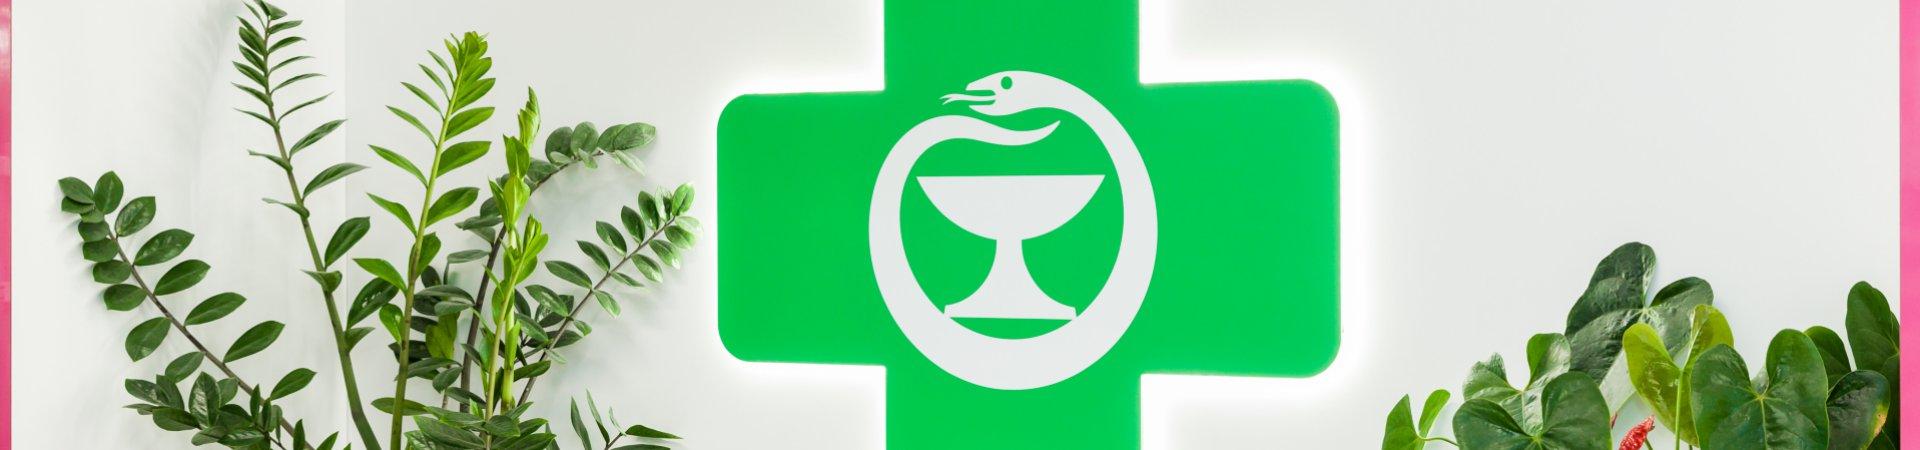 Suomalainen yksityinen apteekki